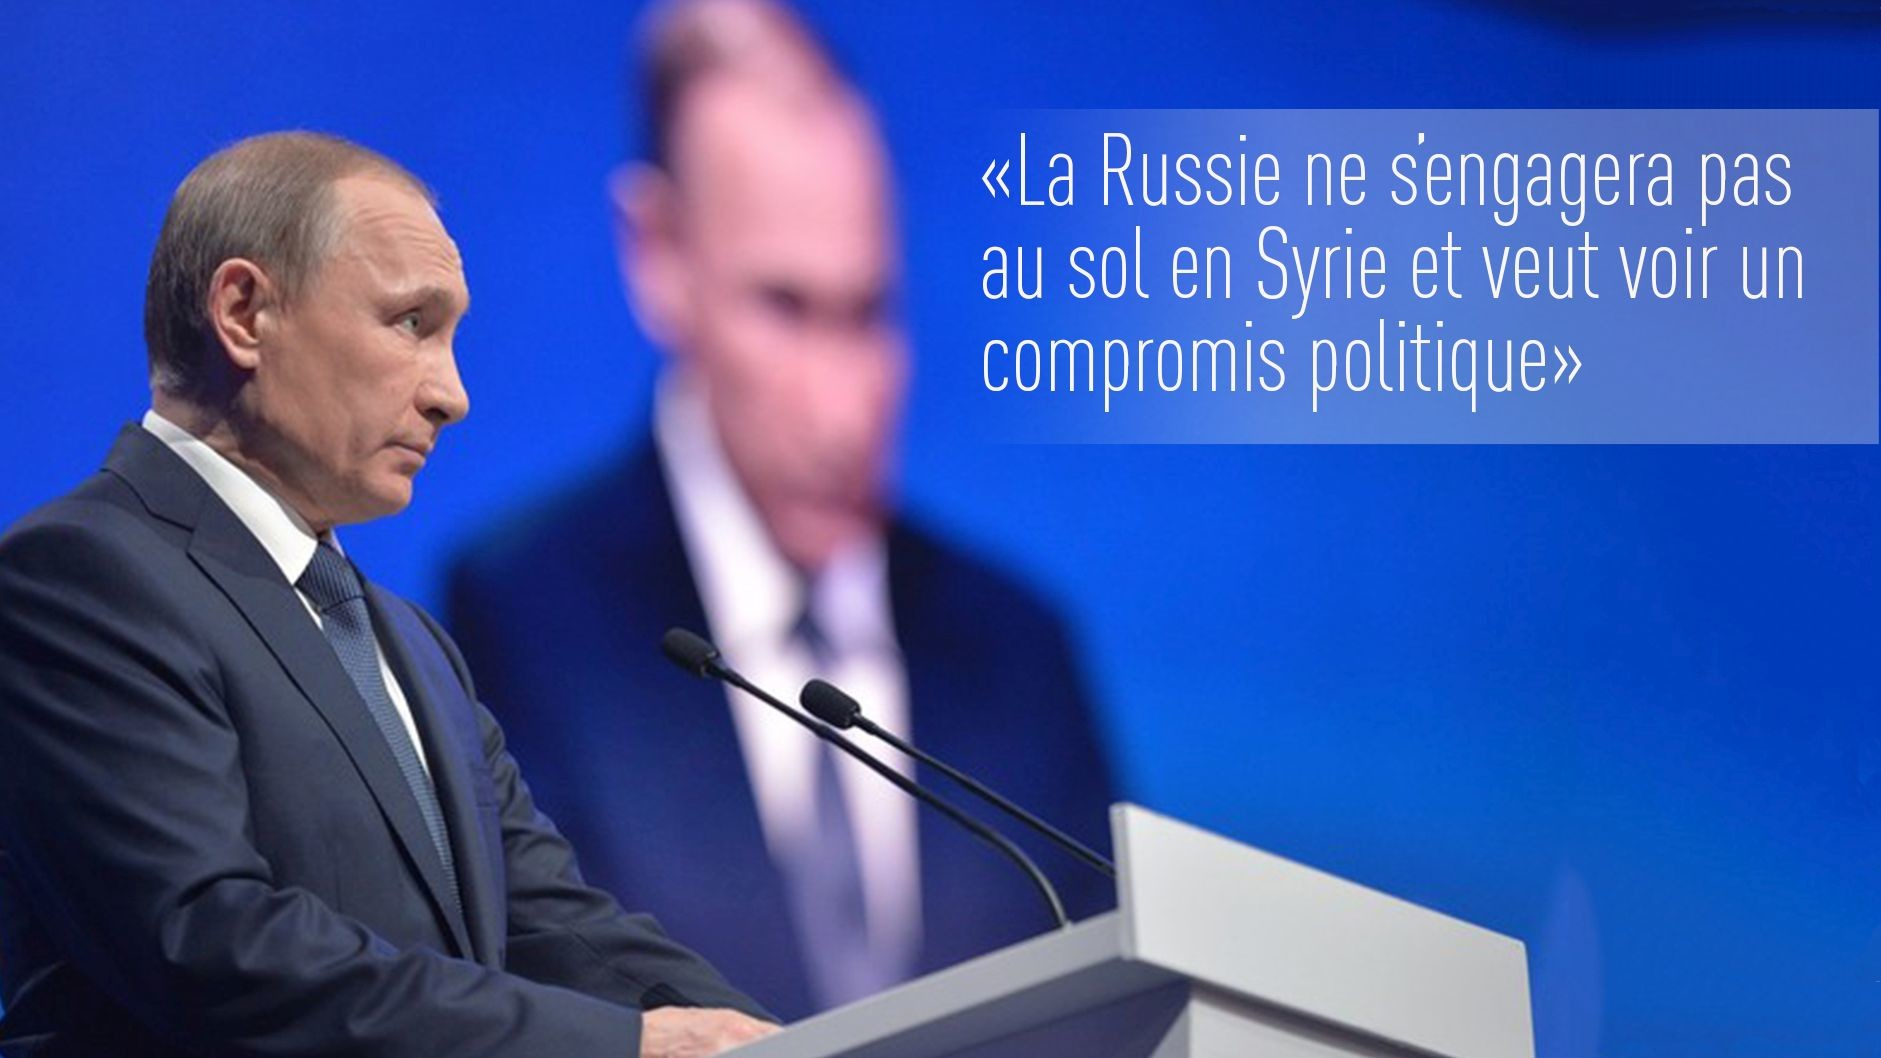 Ce qu'il faut savoir sur l'opération antiterroriste russe en Syrie